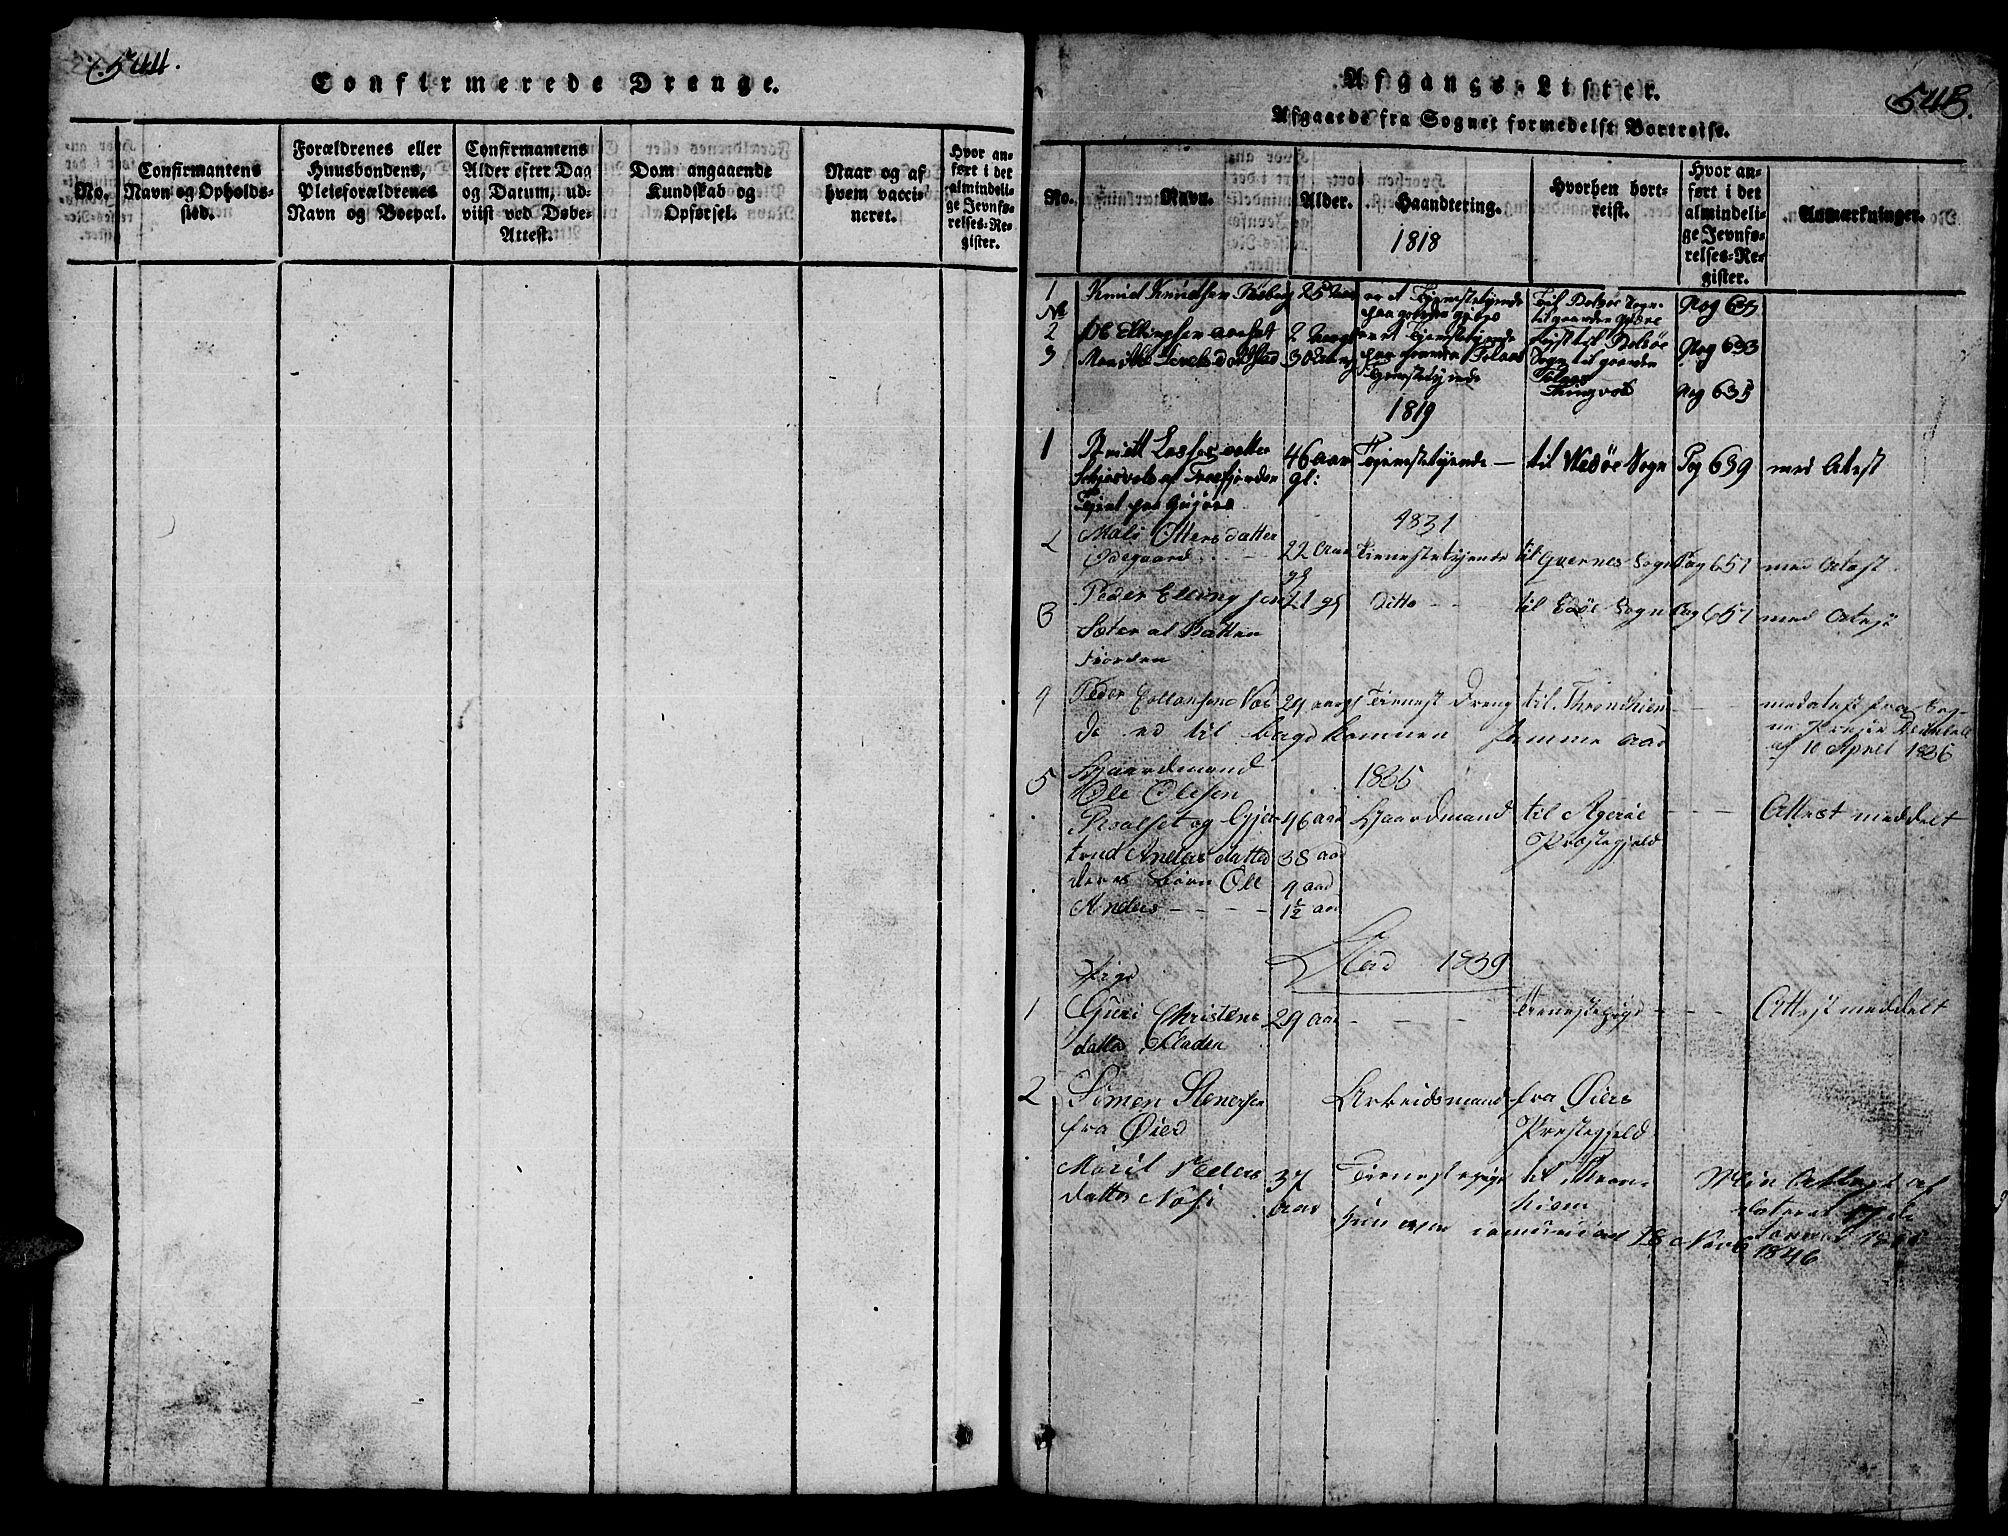 SAT, Ministerialprotokoller, klokkerbøker og fødselsregistre - Møre og Romsdal, 557/L0683: Klokkerbok nr. 557C01, 1818-1862, s. 544-545